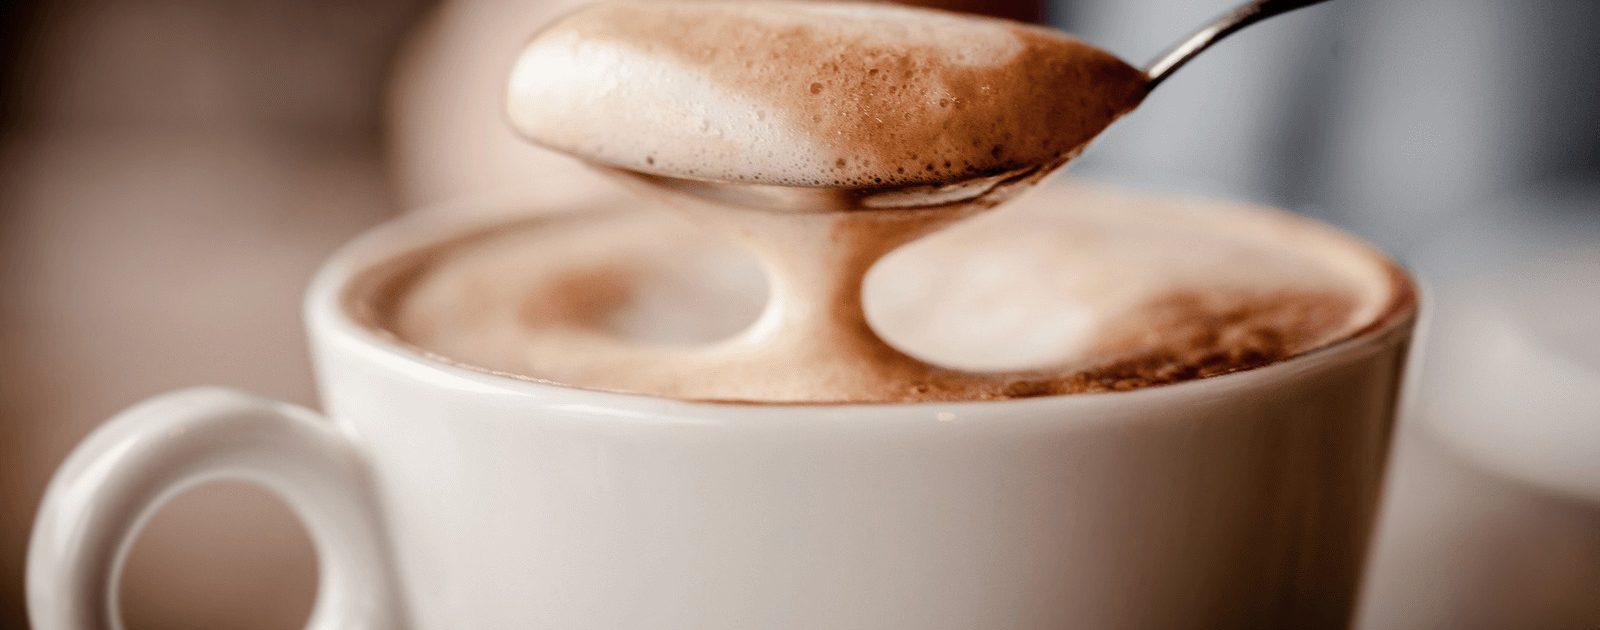 Kaffee ist ein beliebtes Getränk, aber er kann auch Blähungen, Sodbrennen und Magenschmerzen verursachen